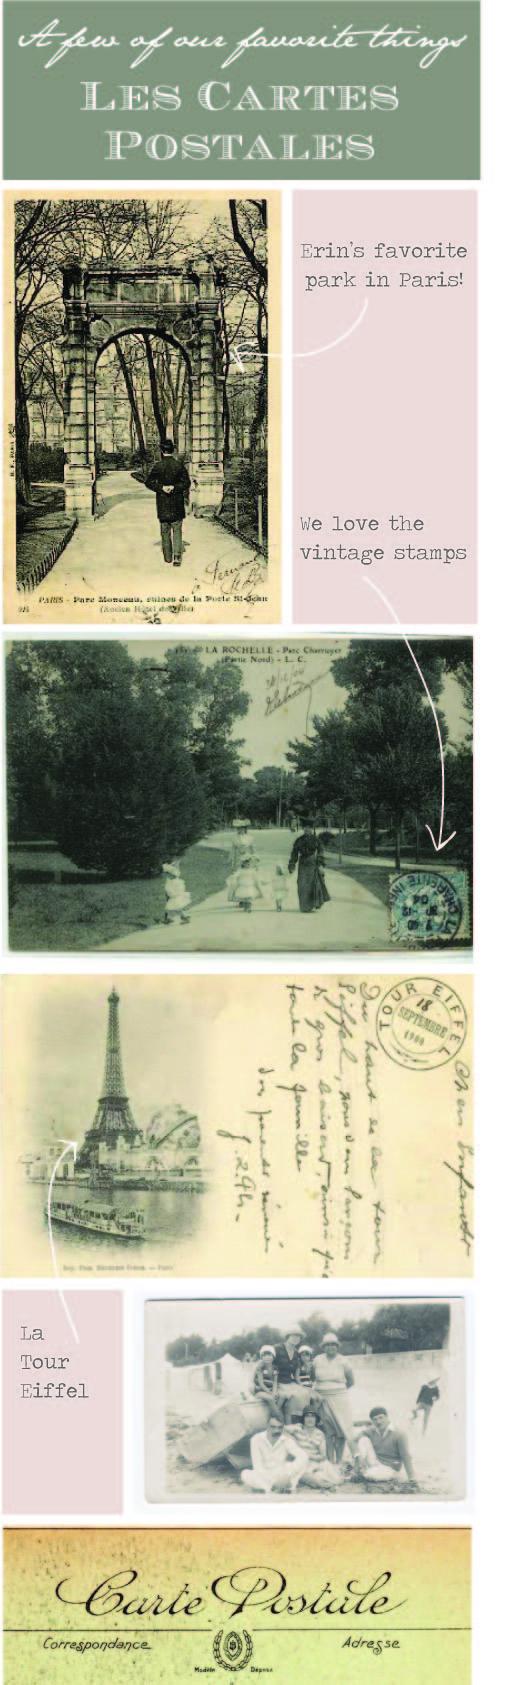 parisblog